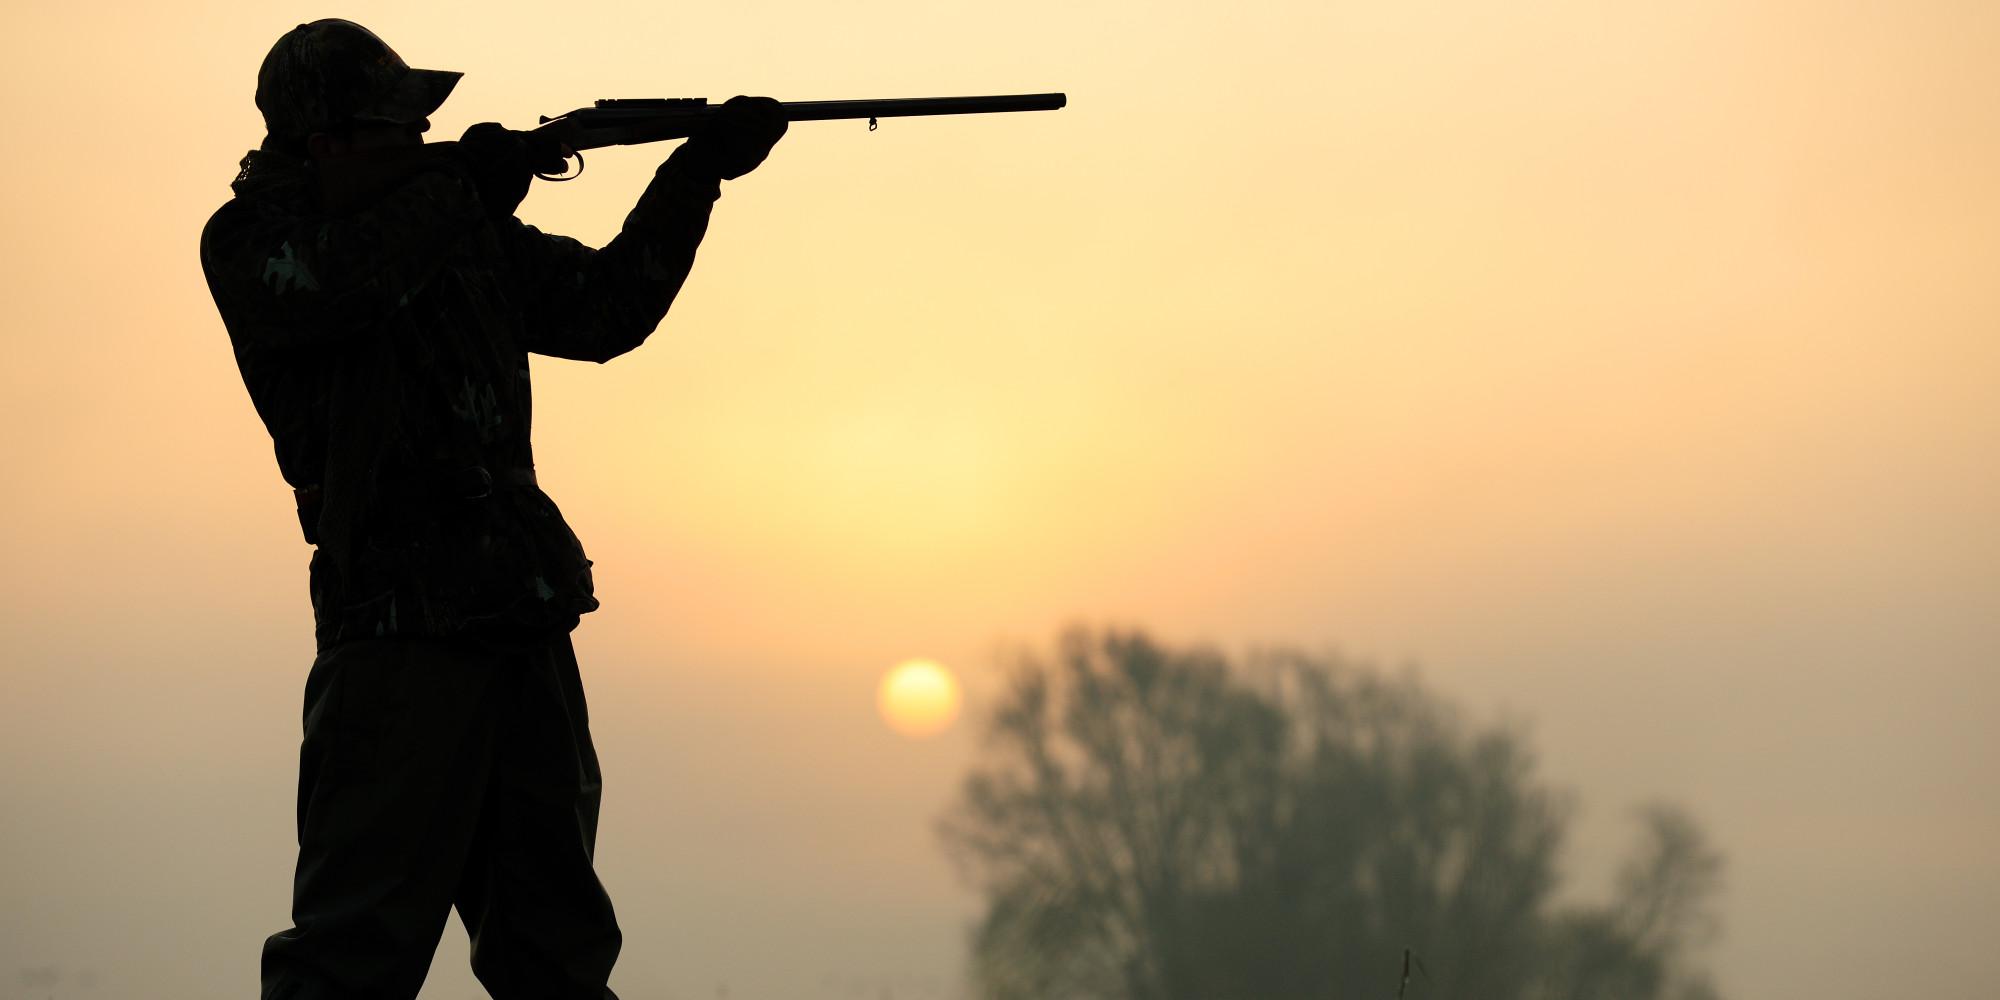 Bir buydu eksik: Güney'de 18 yaşından küçüklere öğrenci avcılık